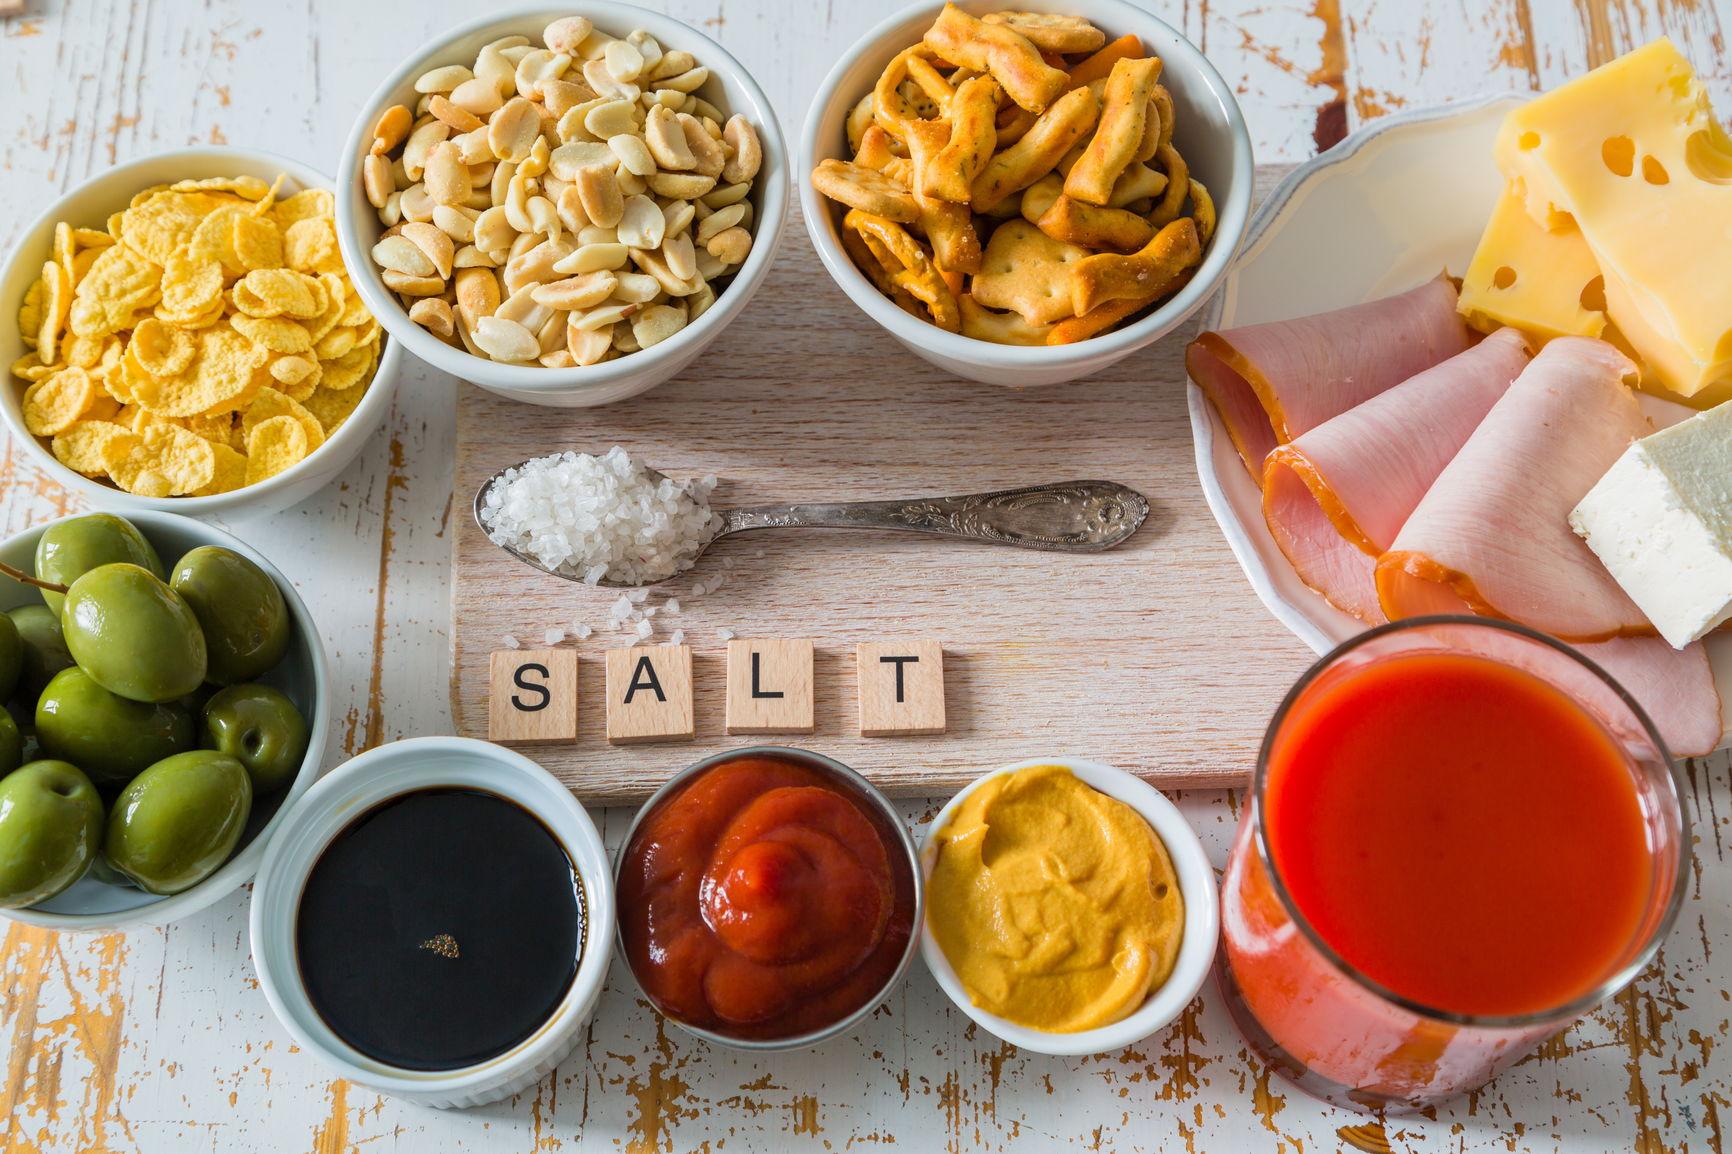 For mye salt